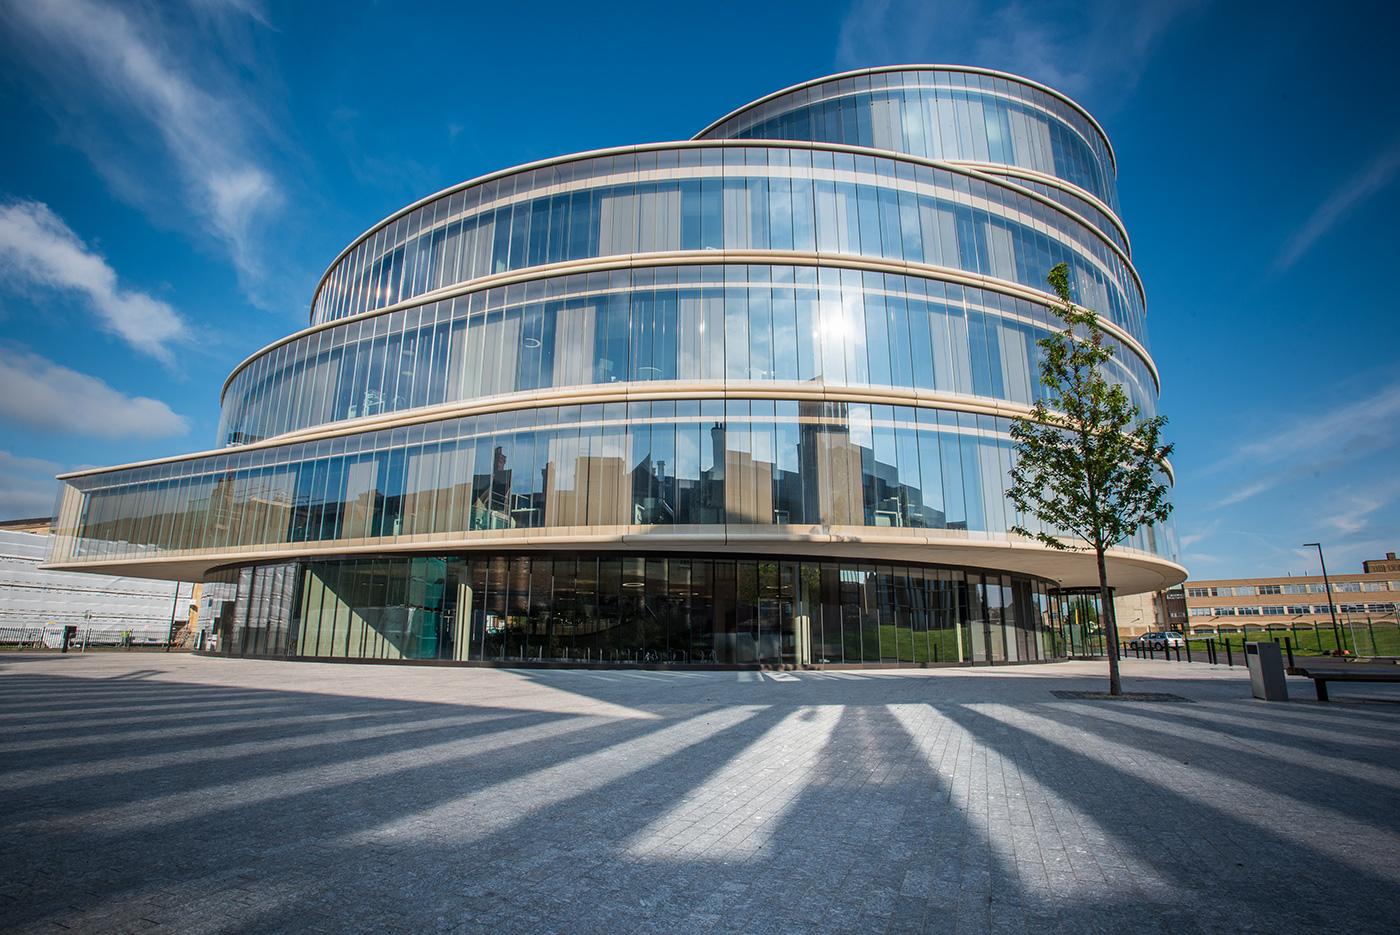 Inaugurado em novembro de 2015, o prédio da Escola de Governo Blavatink já recebeu diversos prêmios de arquitetura. Foto: Oxford Blavatnik School of Government